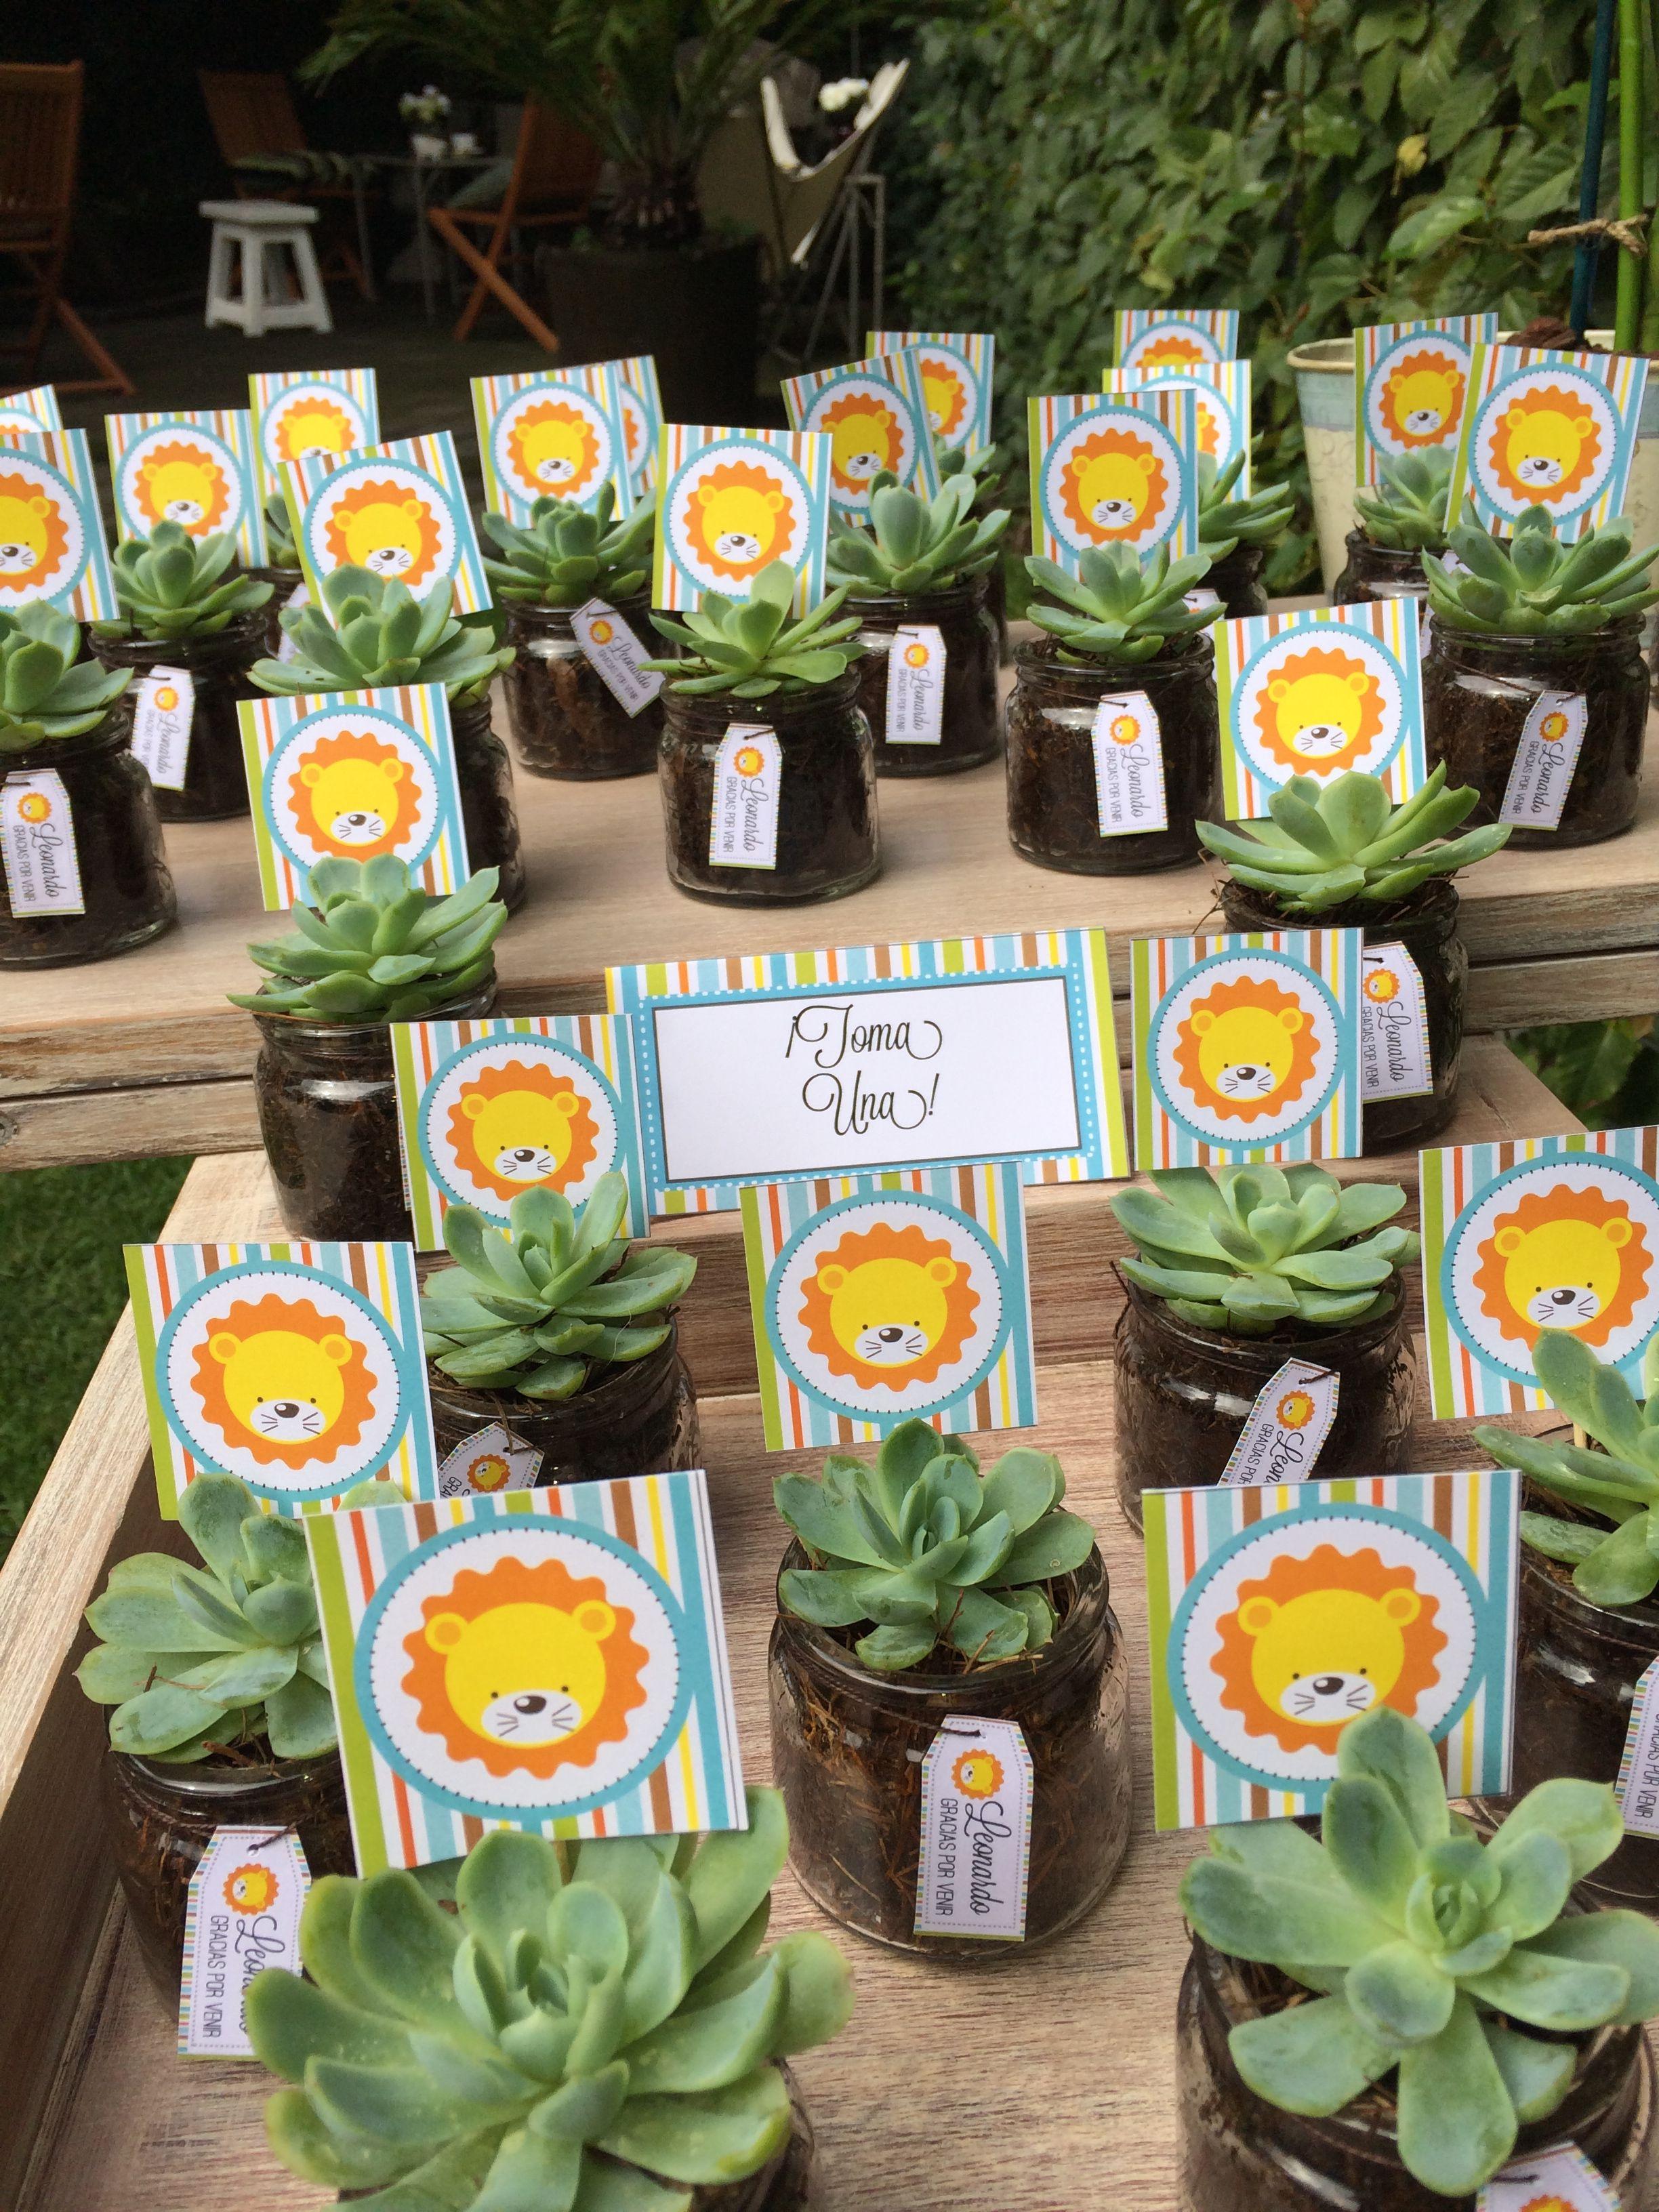 Recuerdos De Bautizo Con Cactus.Recuerditos Baby Shower Baby Shower Recuerdos Bautizo